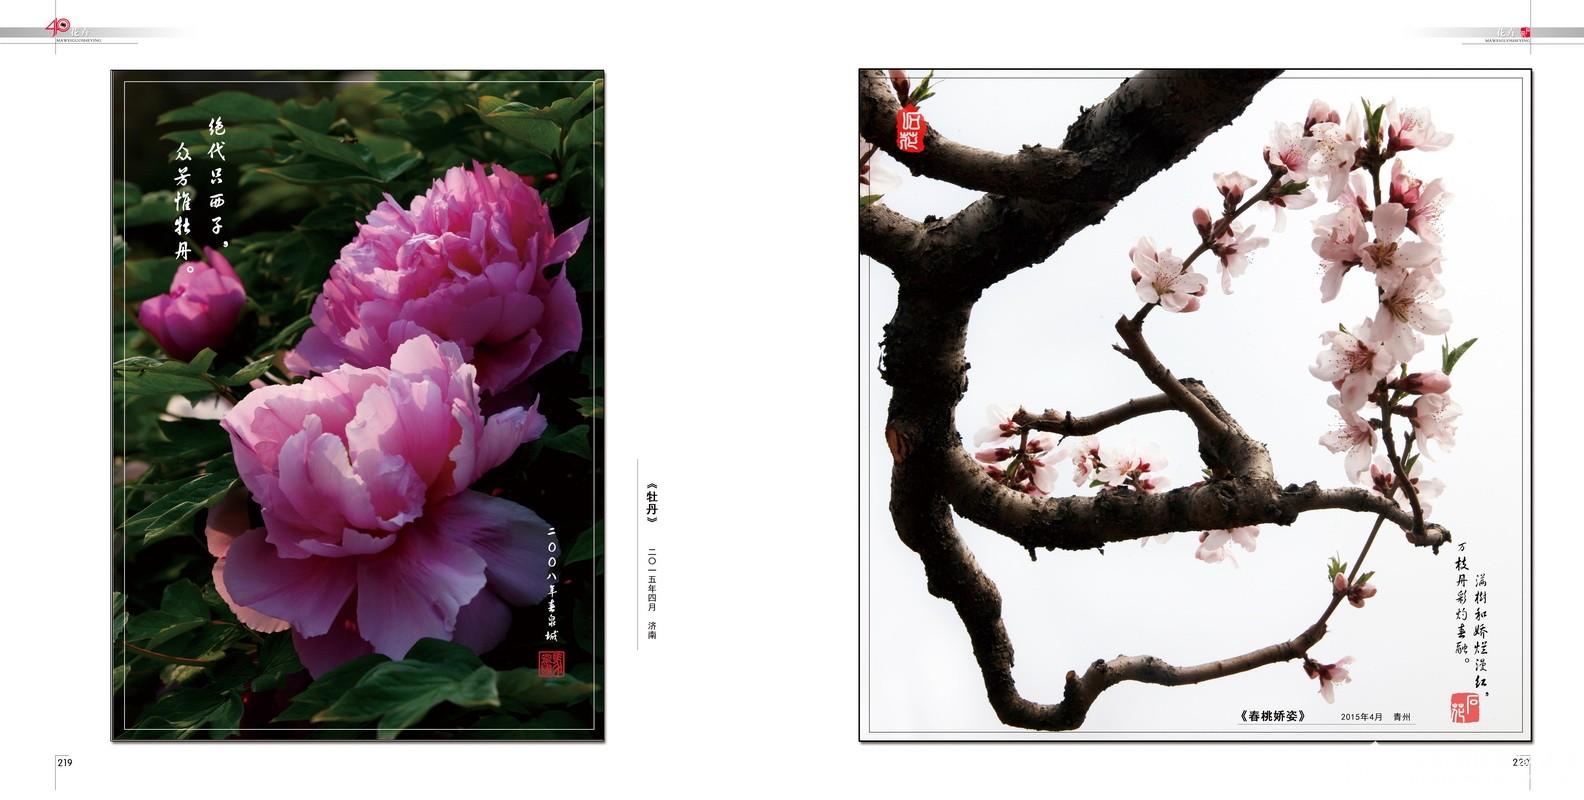 116.花卉.2015.04.jpg